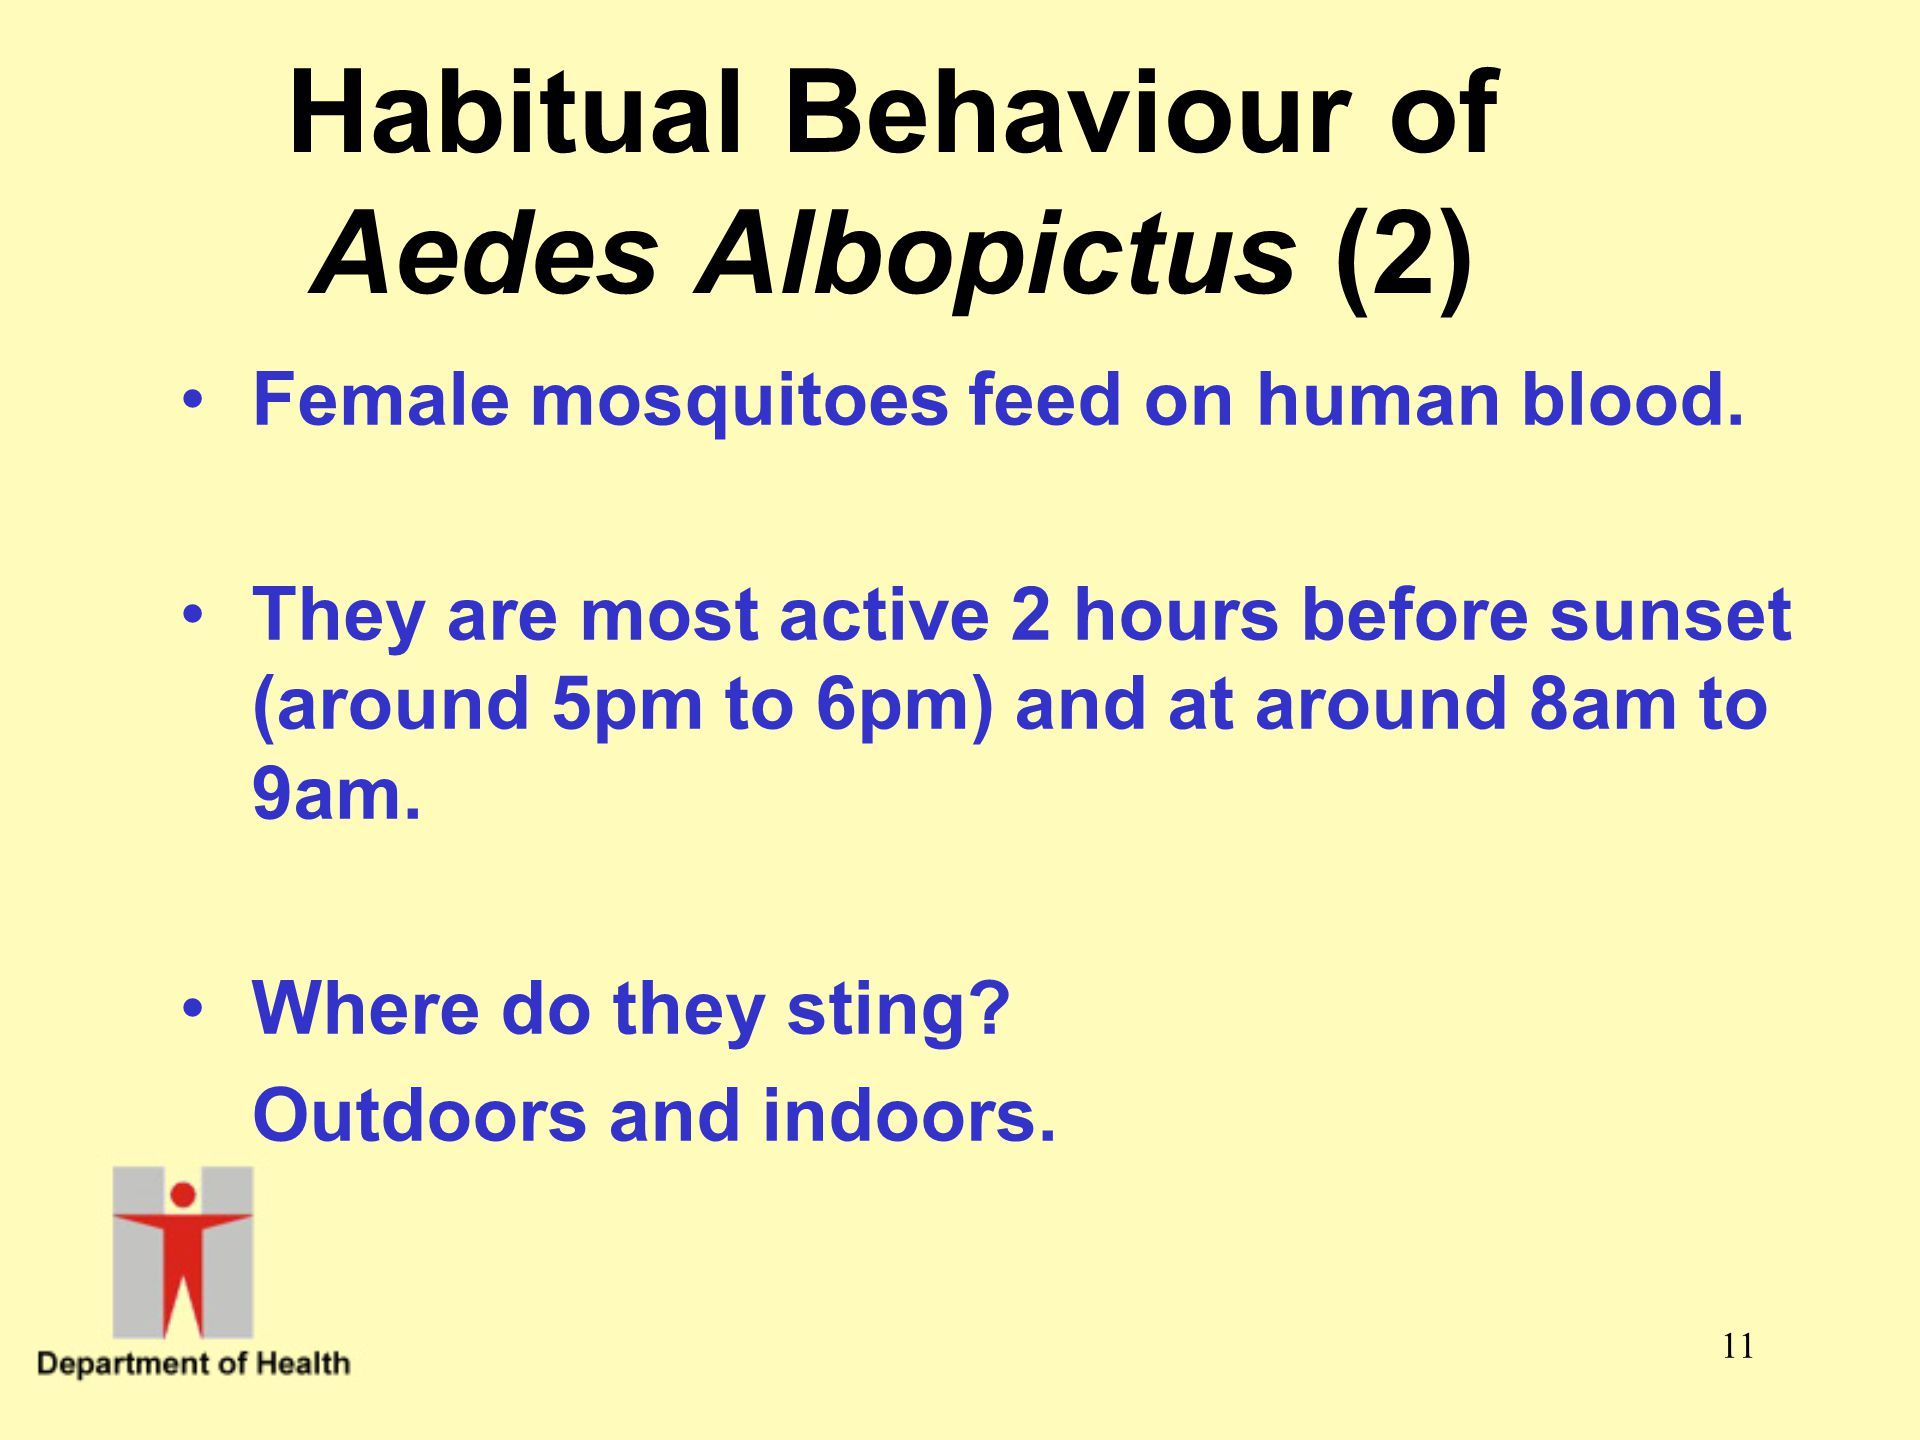 Habitual Behaviour of Aedes Albopictus (2)